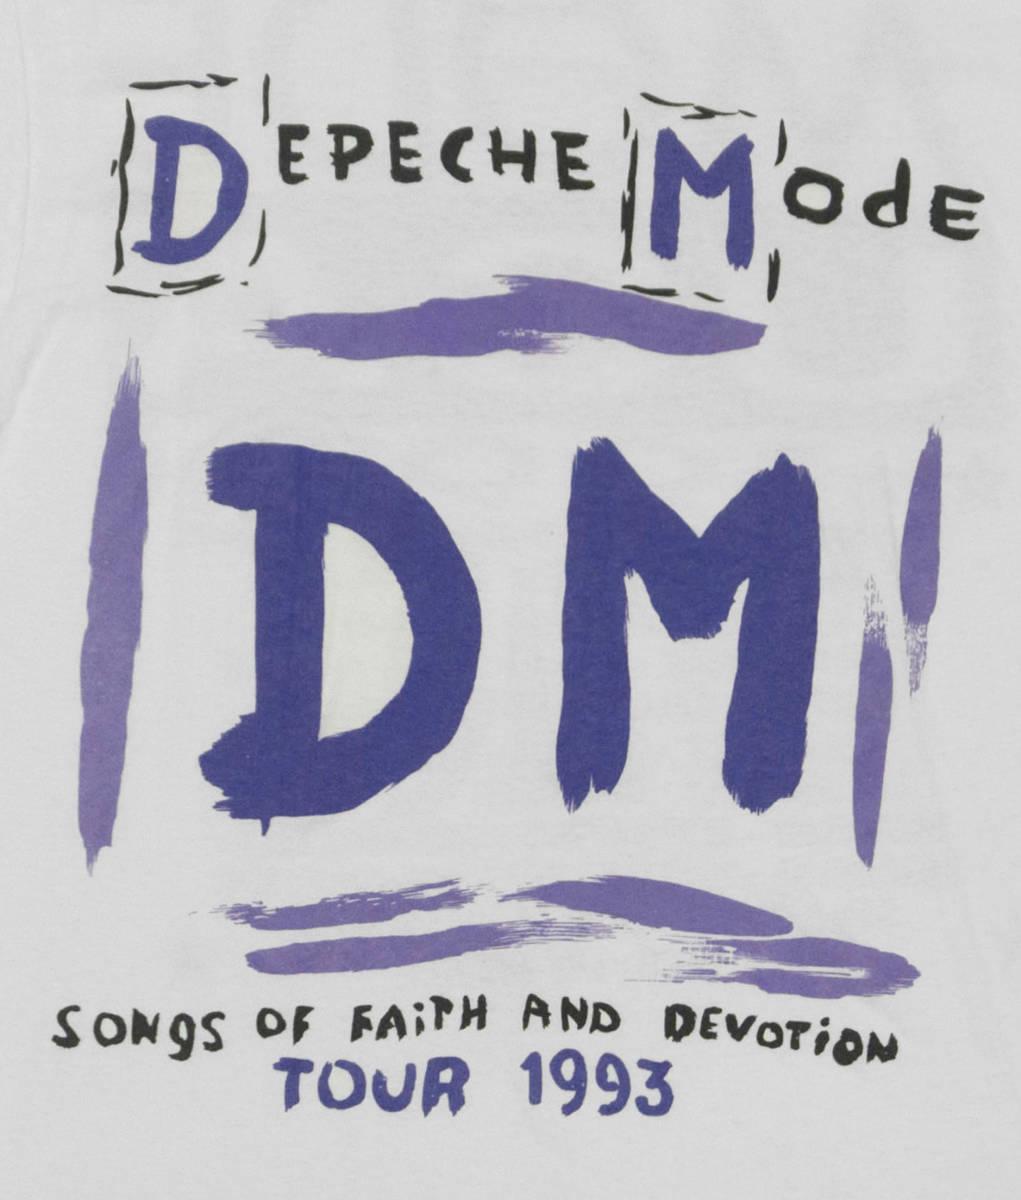 激レア! 1993 DEPECHE MODE 『SONG OF FAITH AND DEVOTION』 ツアー Tシャツ NEW ORDER PET SHOP BOYS PRIMAL SCREAM JESUS AND MARY CHAIN_画像4